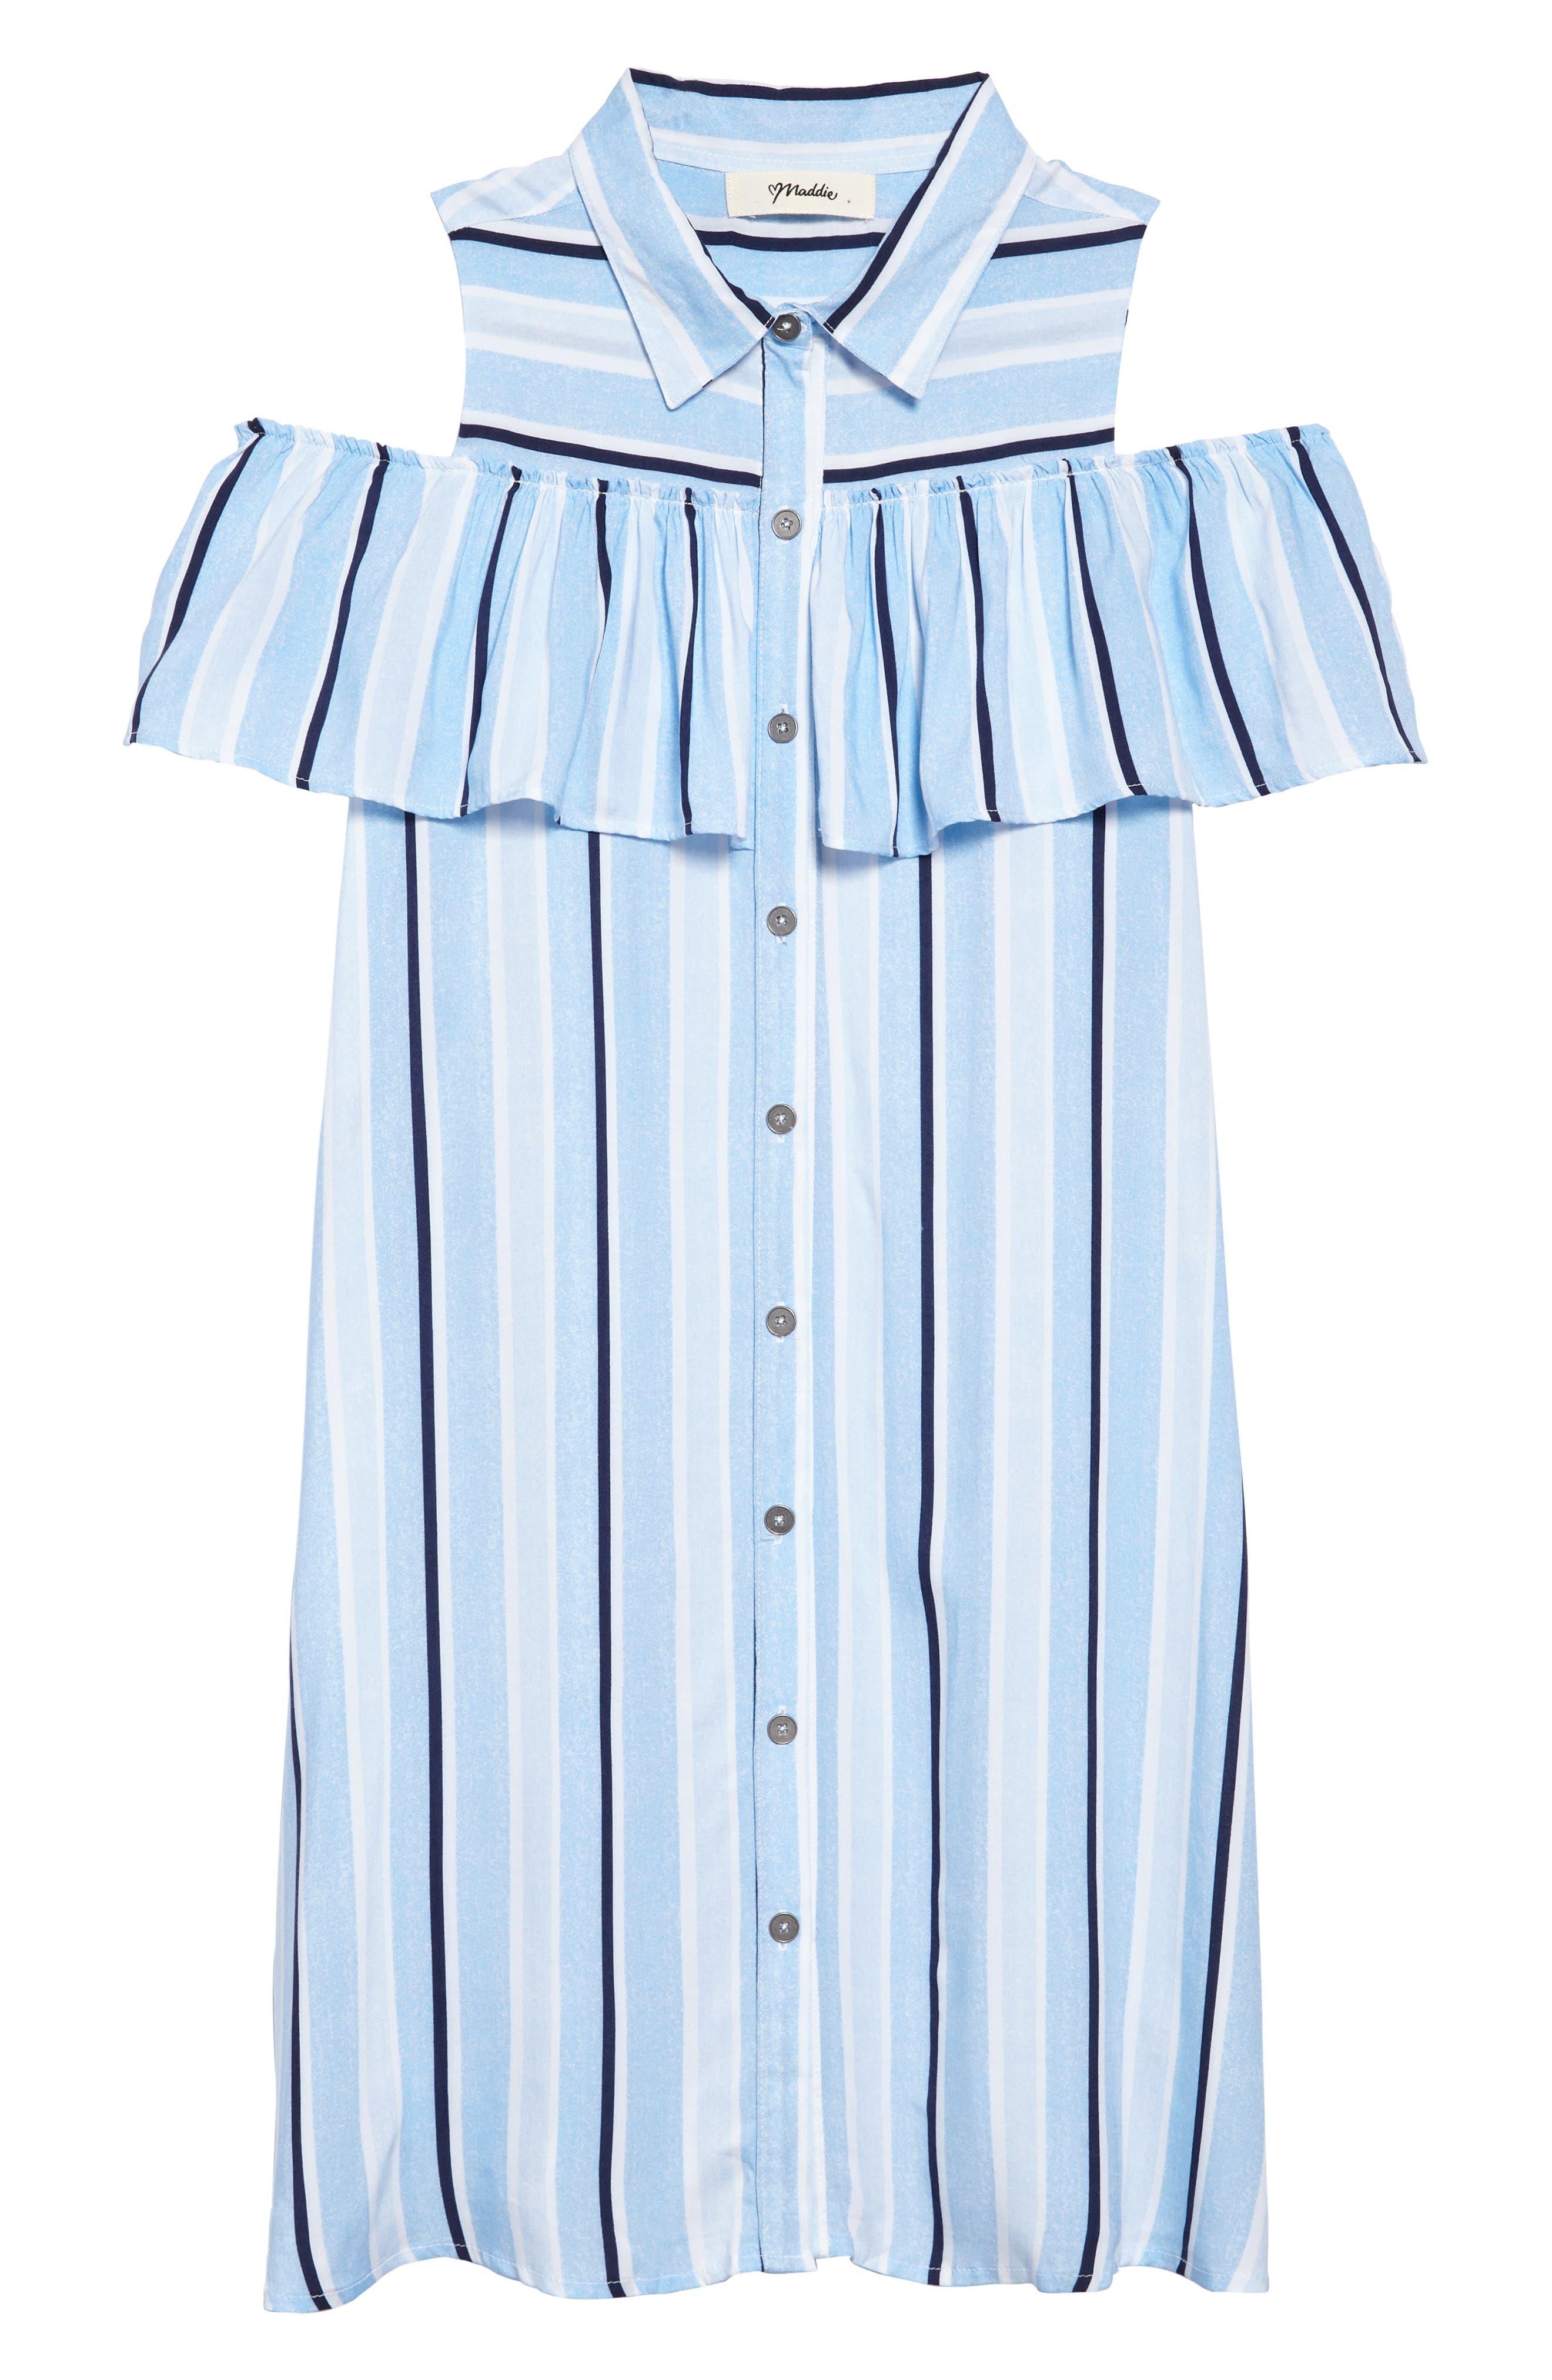 Cold Shoulder Knit Shirtdress,                             Main thumbnail 1, color,                             400